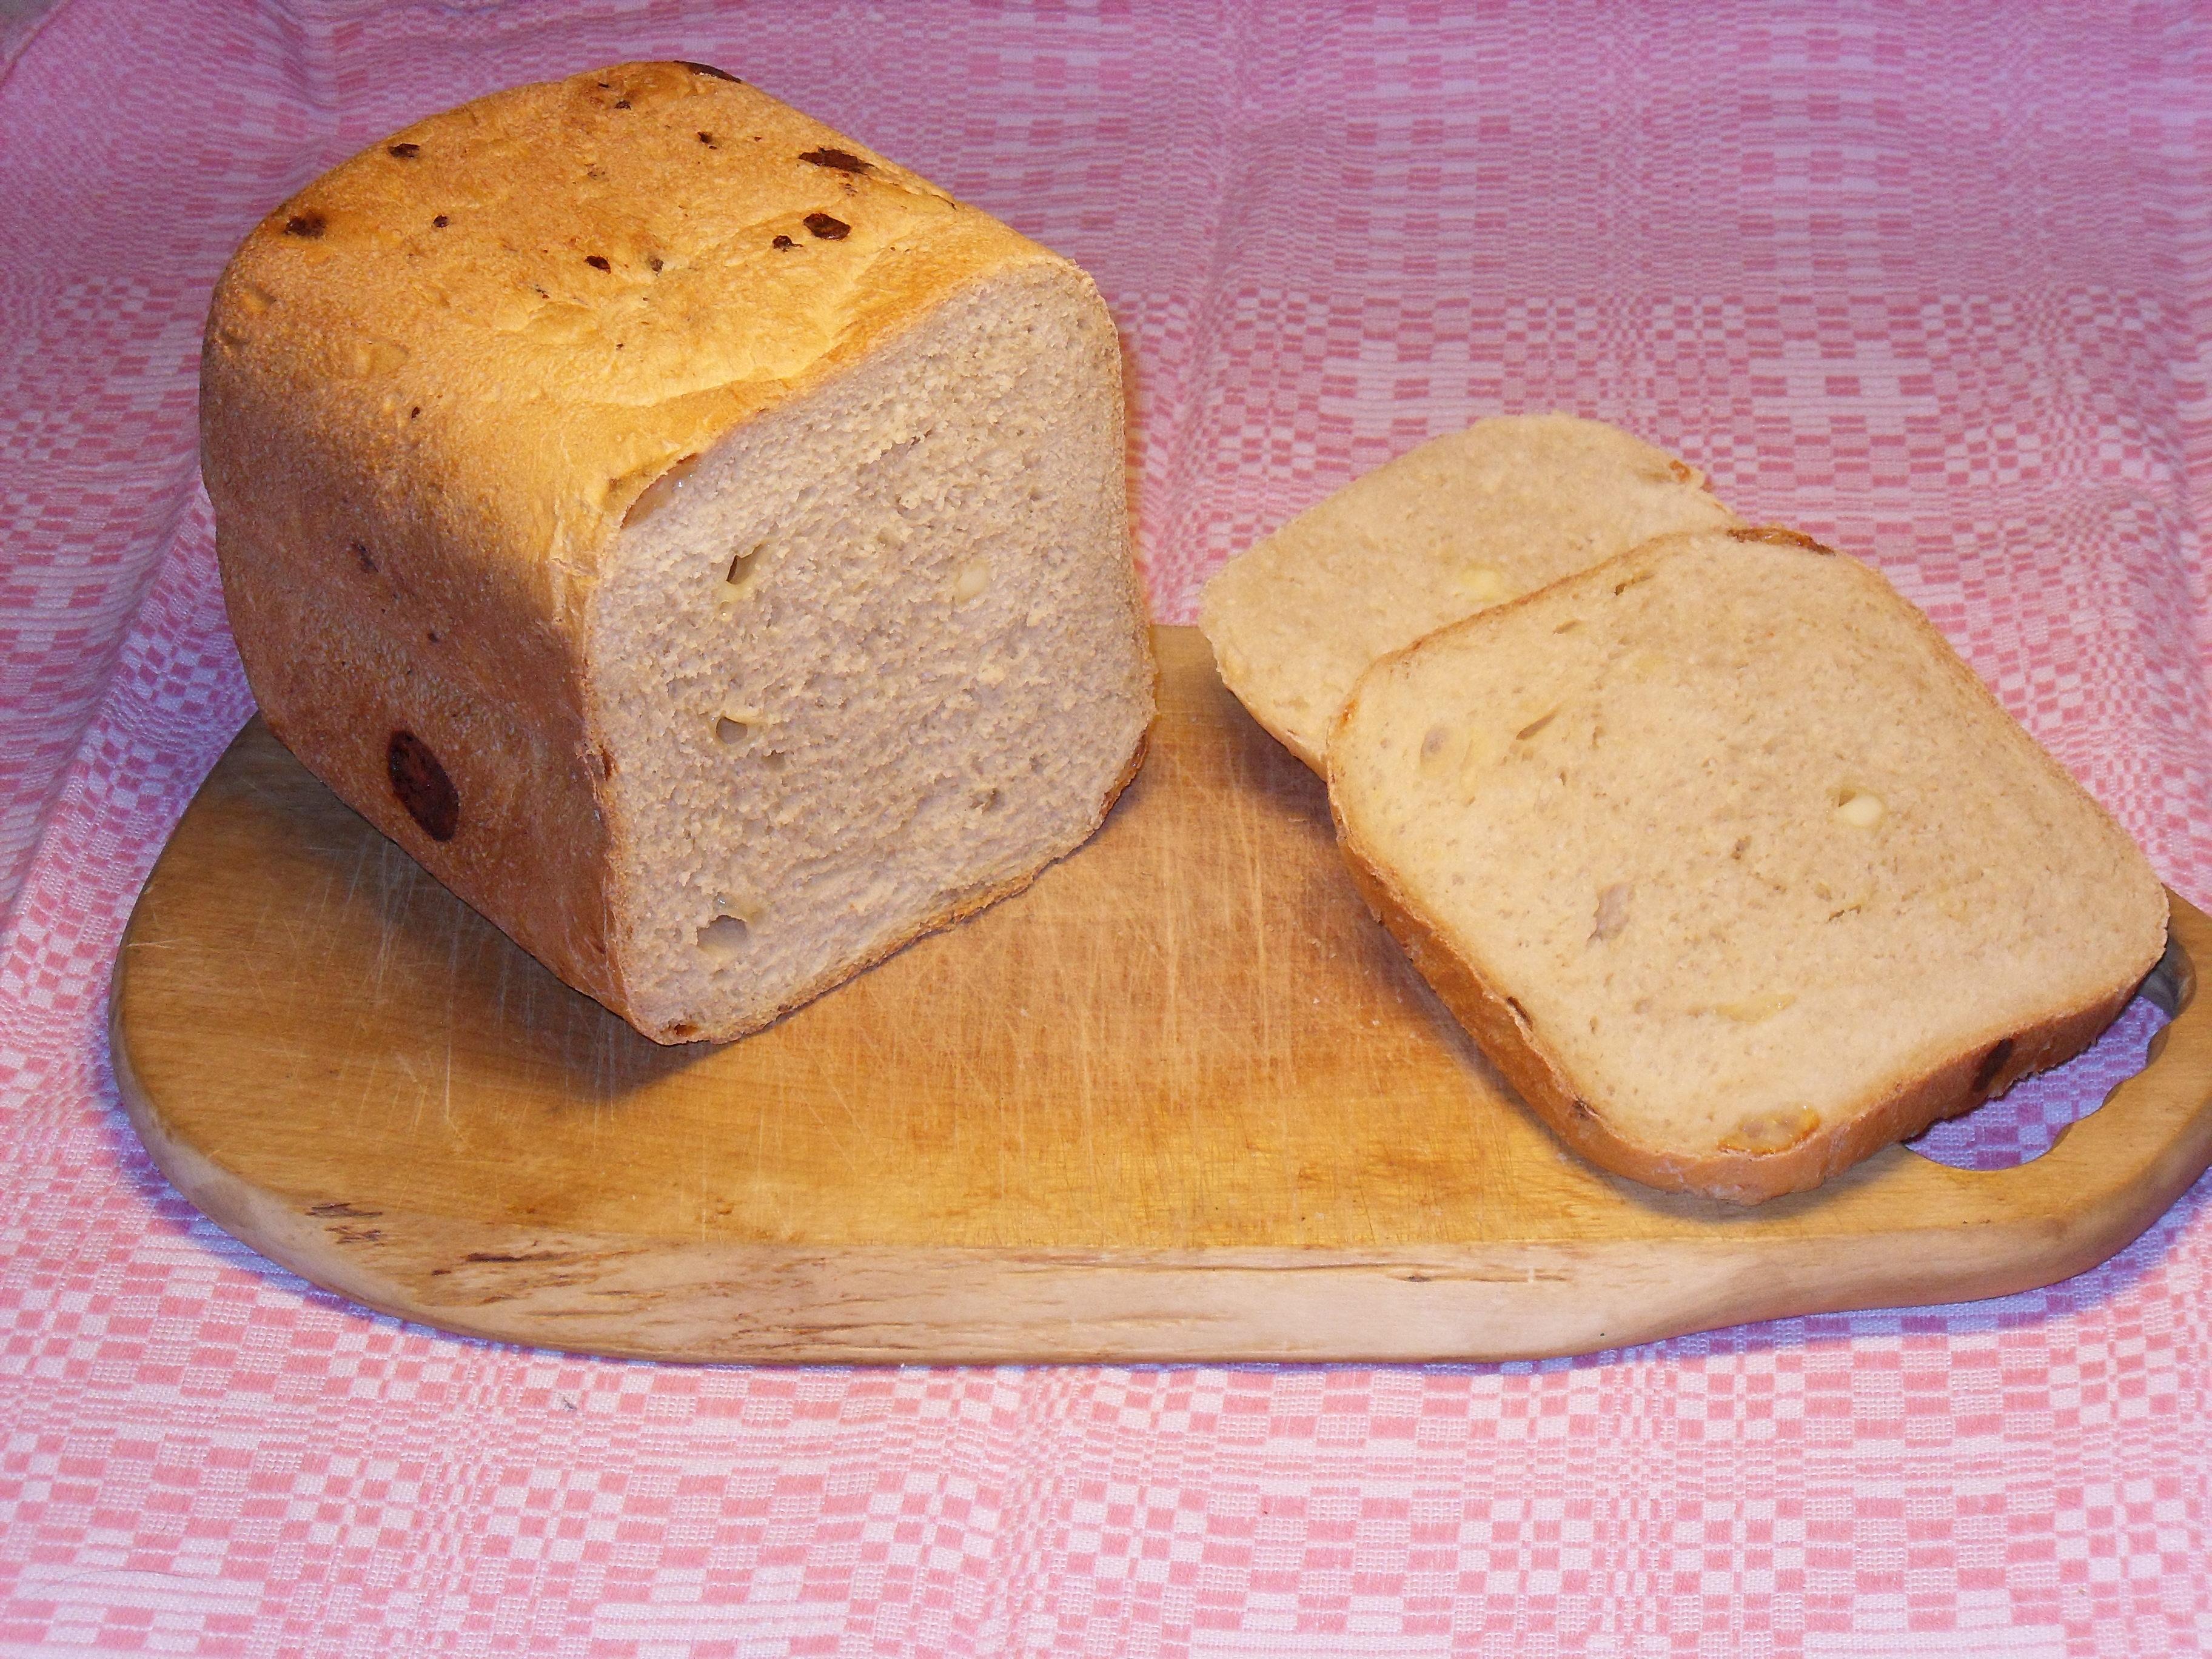 bakmaskin bröd